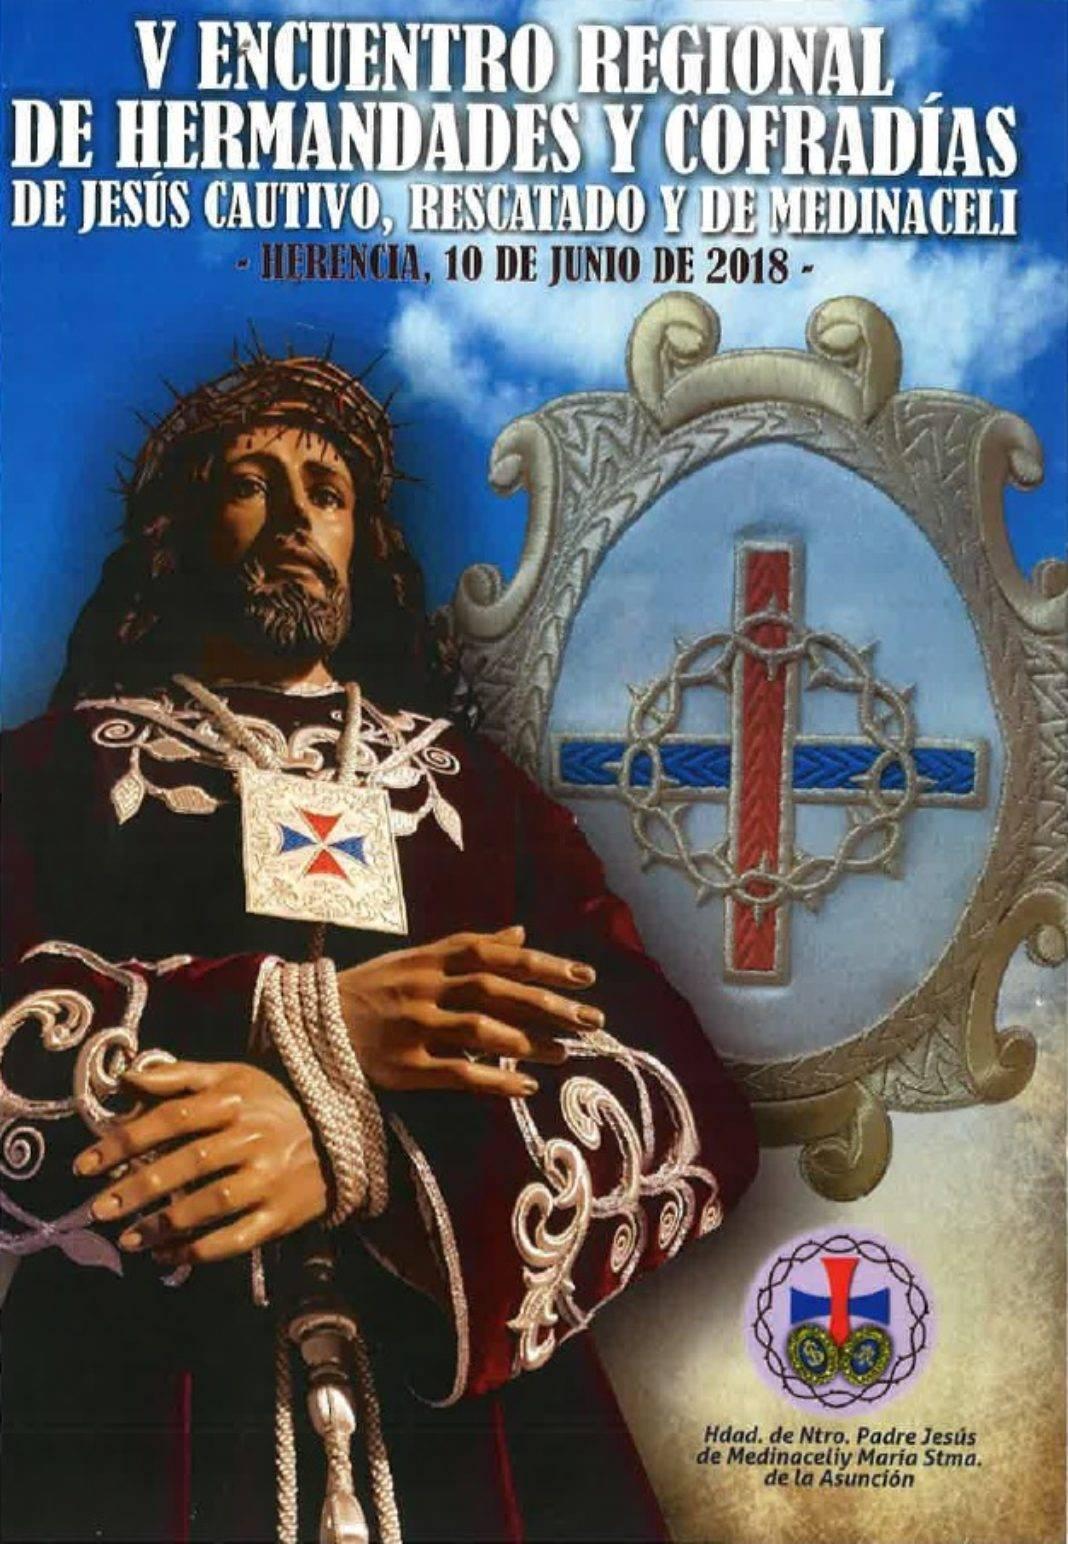 Herencia acoge el V Encuentro Regional de Hermandades y Cofradías de Jesús Cautivo, Rescatado y de Medinaceli 4